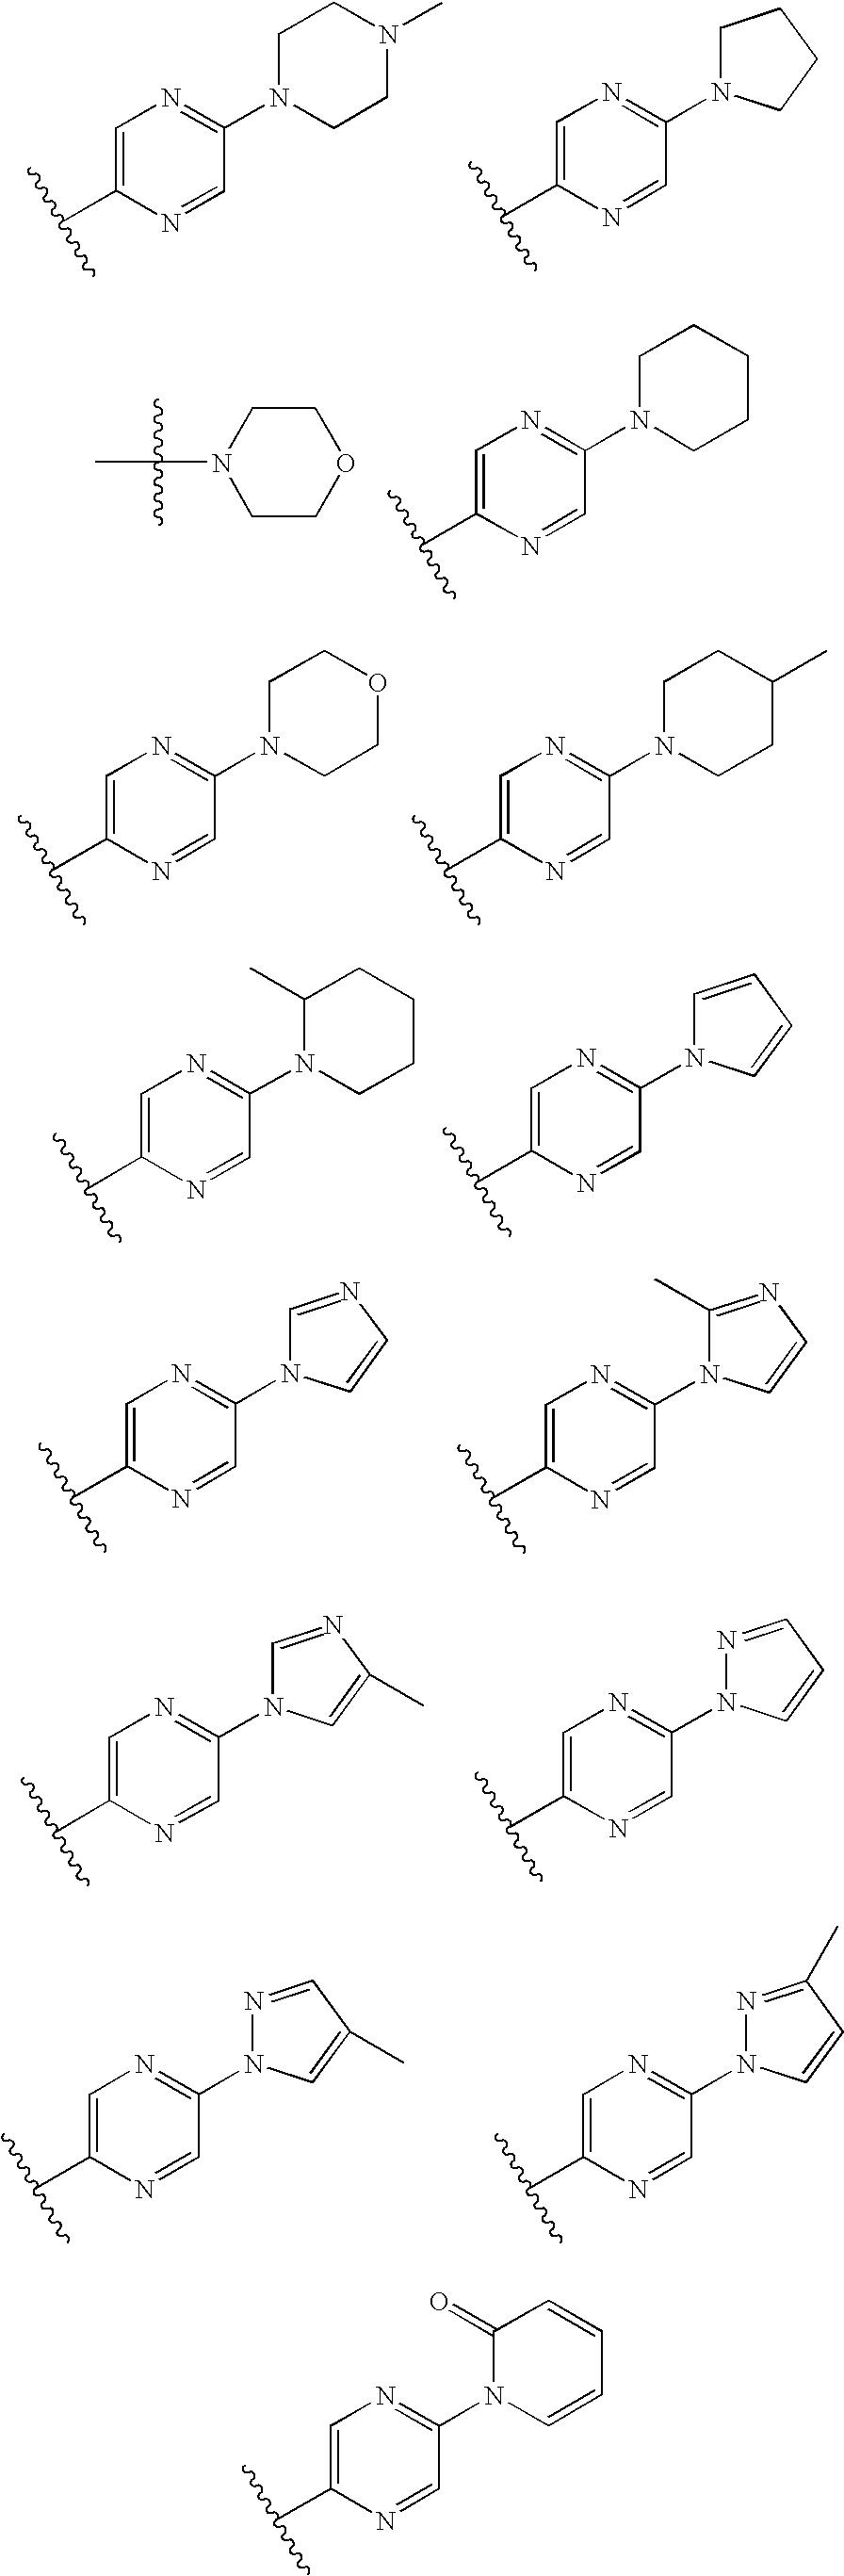 Figure US08193182-20120605-C00025